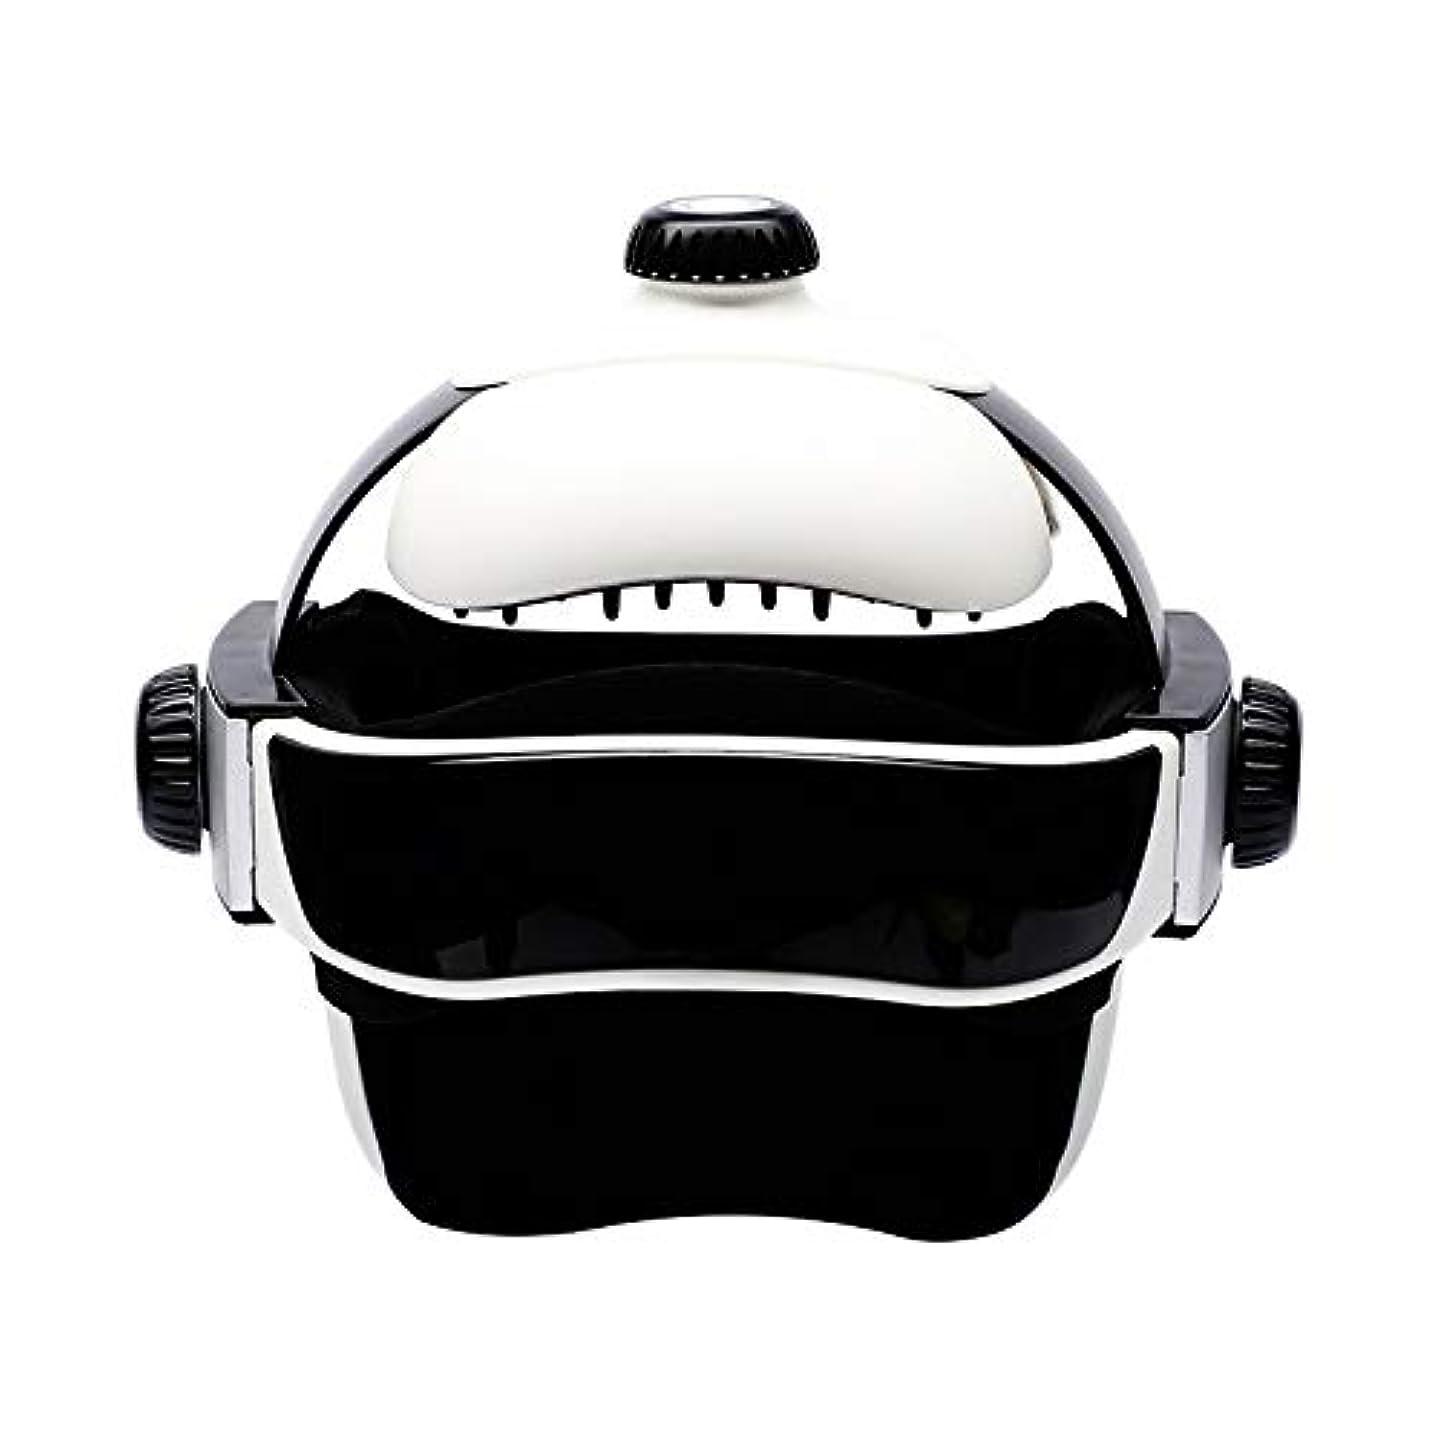 ローマ人同盟喜劇ヘルメットの電動が機能している頭皮は同じタイプのマッサージ器です [並行輸入品]